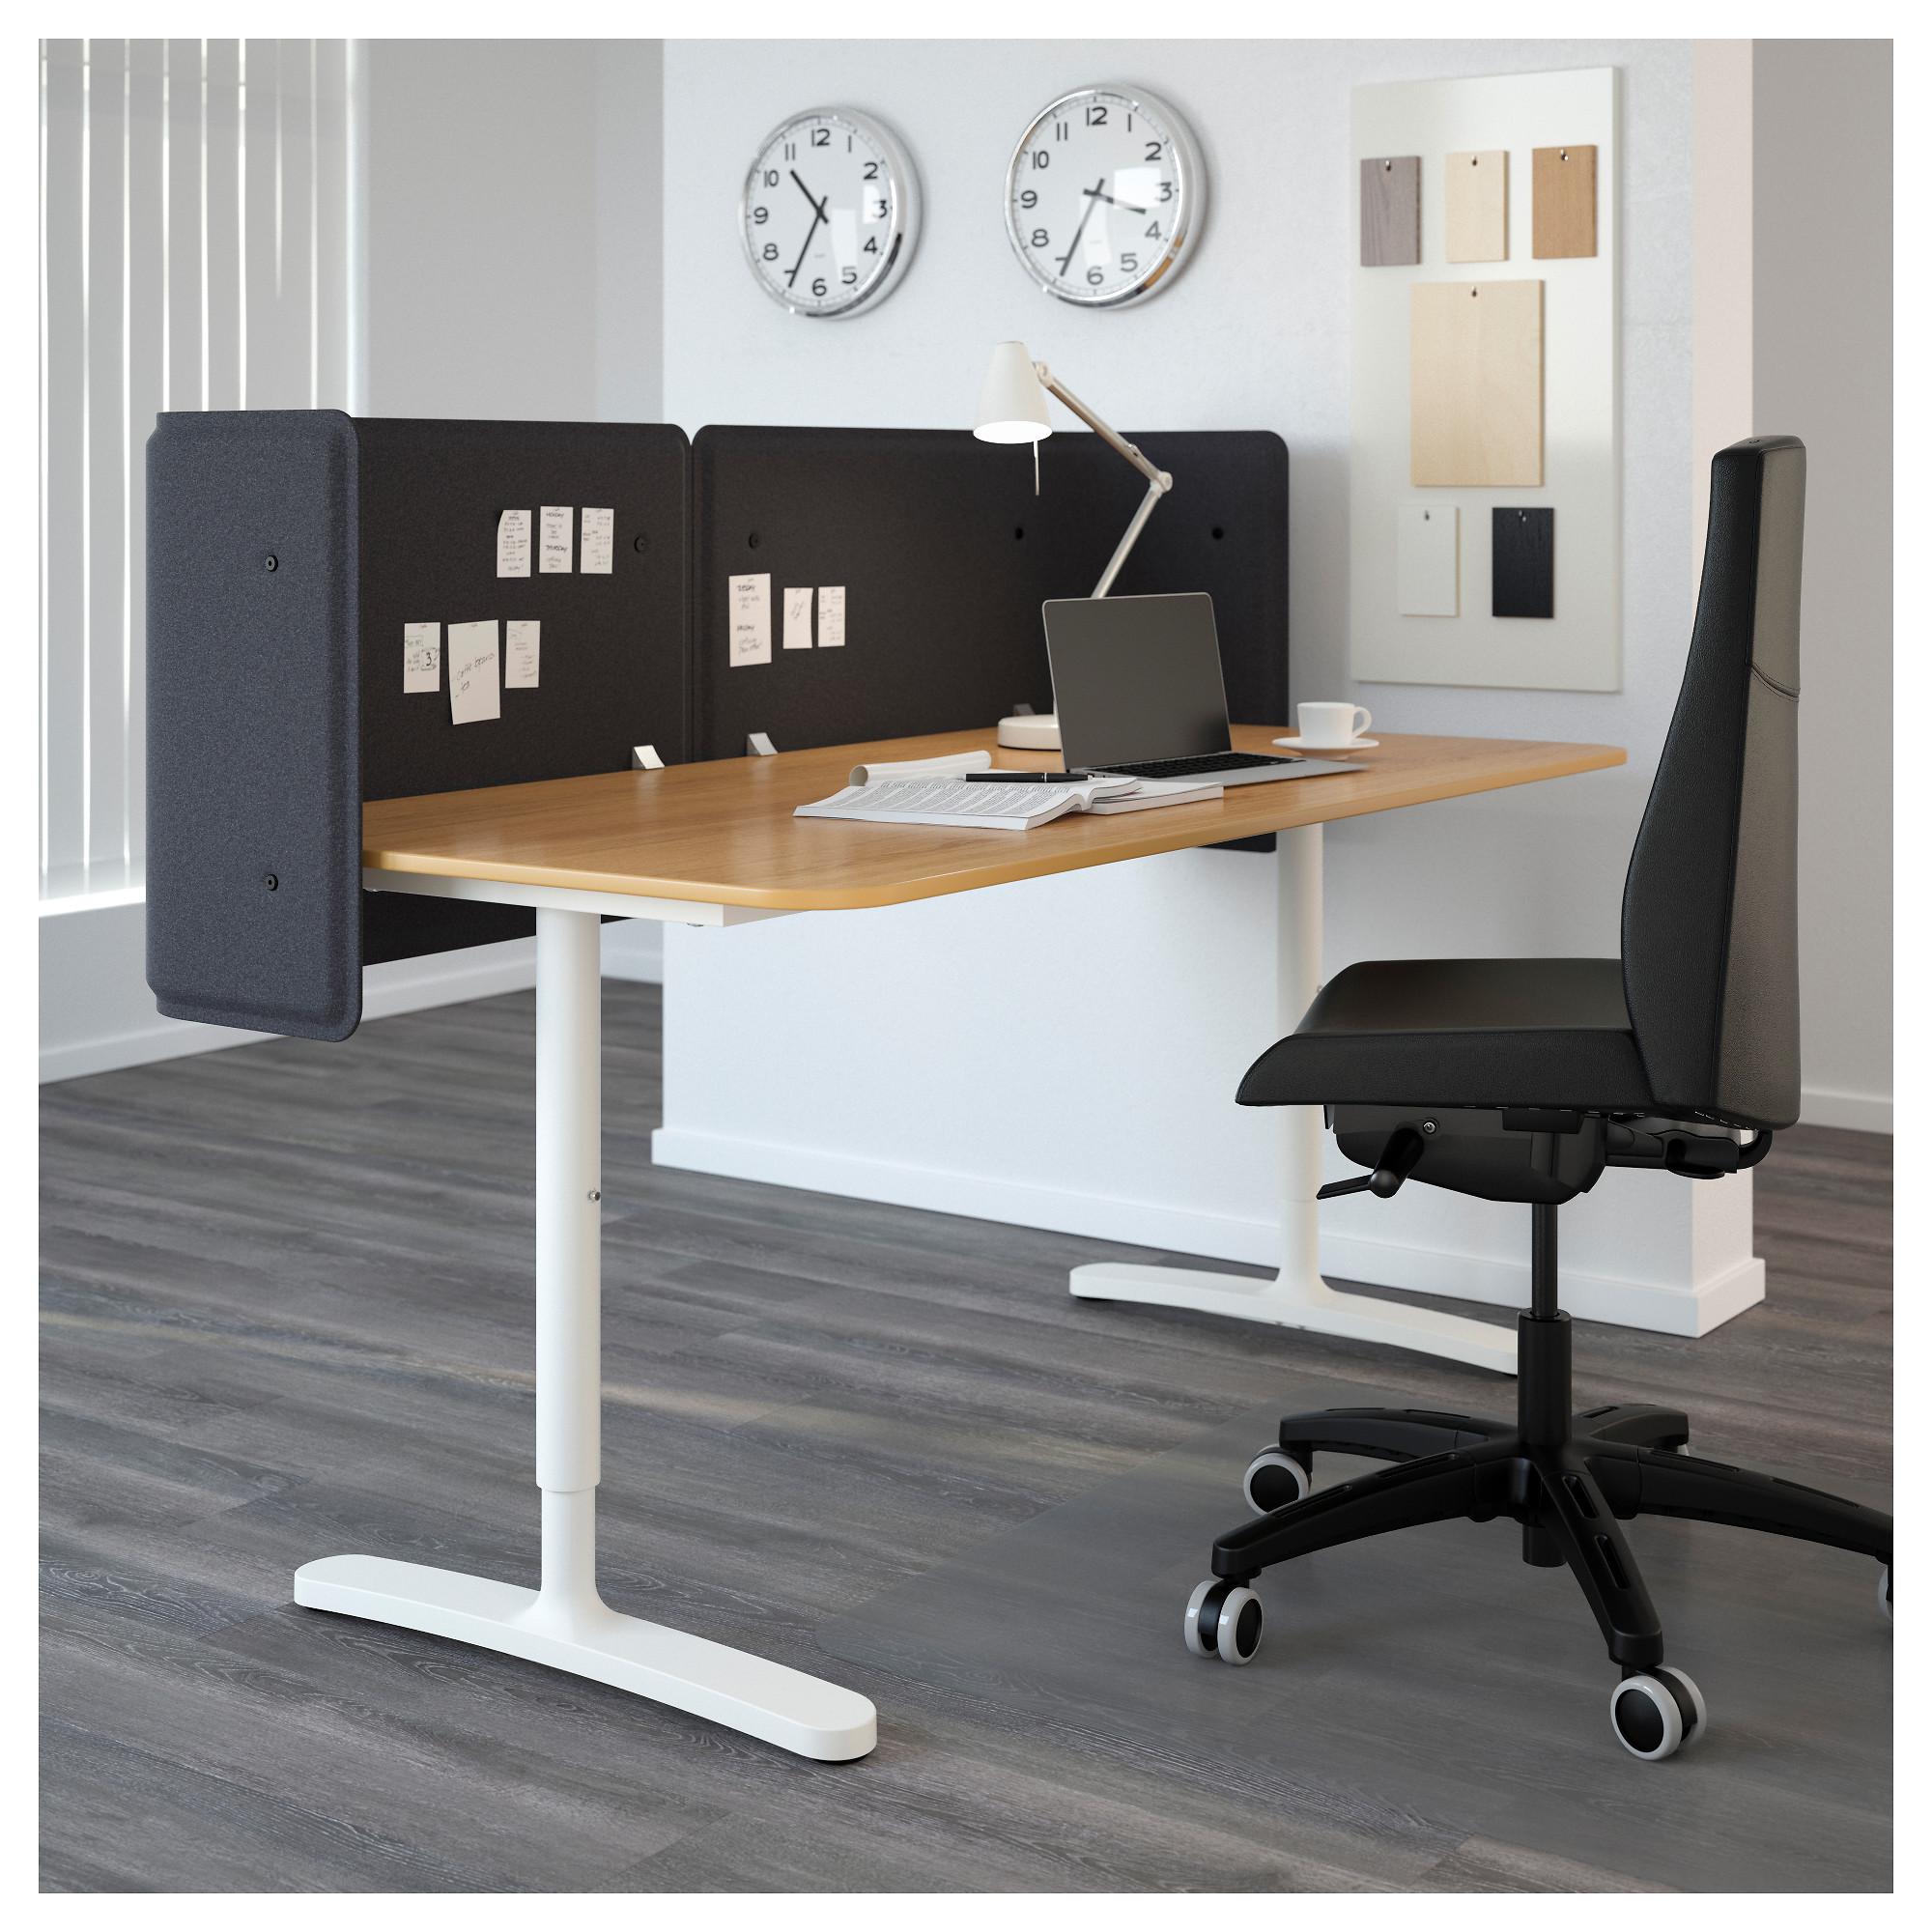 Стол для приемной БЕКАНТ белый артикуль № 092.786.49 в наличии. Онлайн сайт IKEA Беларусь. Недорогая доставка и установка.